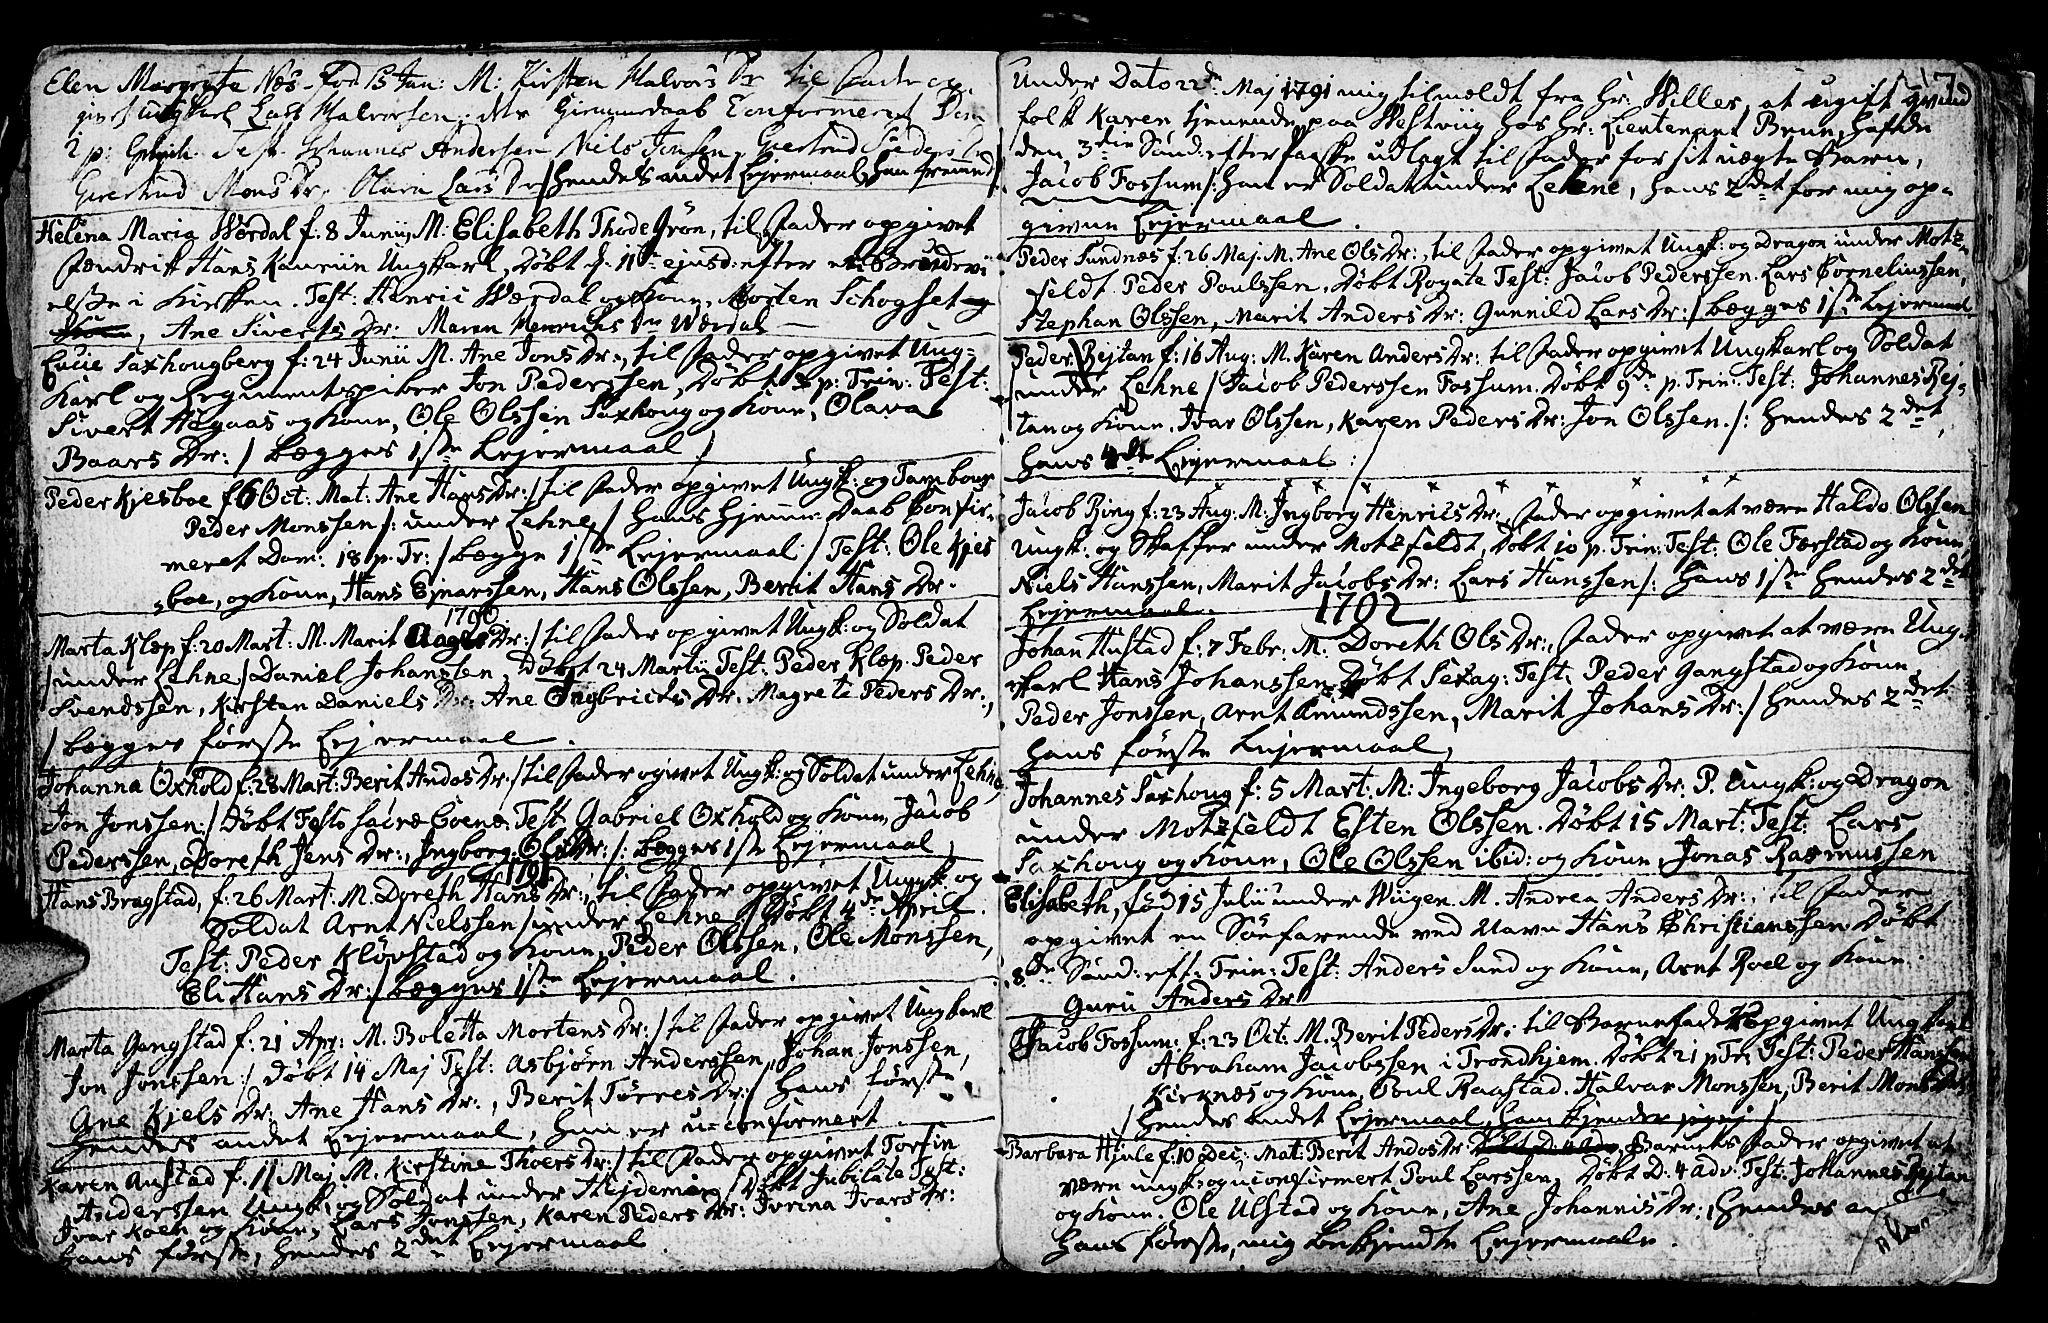 SAT, Ministerialprotokoller, klokkerbøker og fødselsregistre - Nord-Trøndelag, 730/L0273: Ministerialbok nr. 730A02, 1762-1802, s. 217